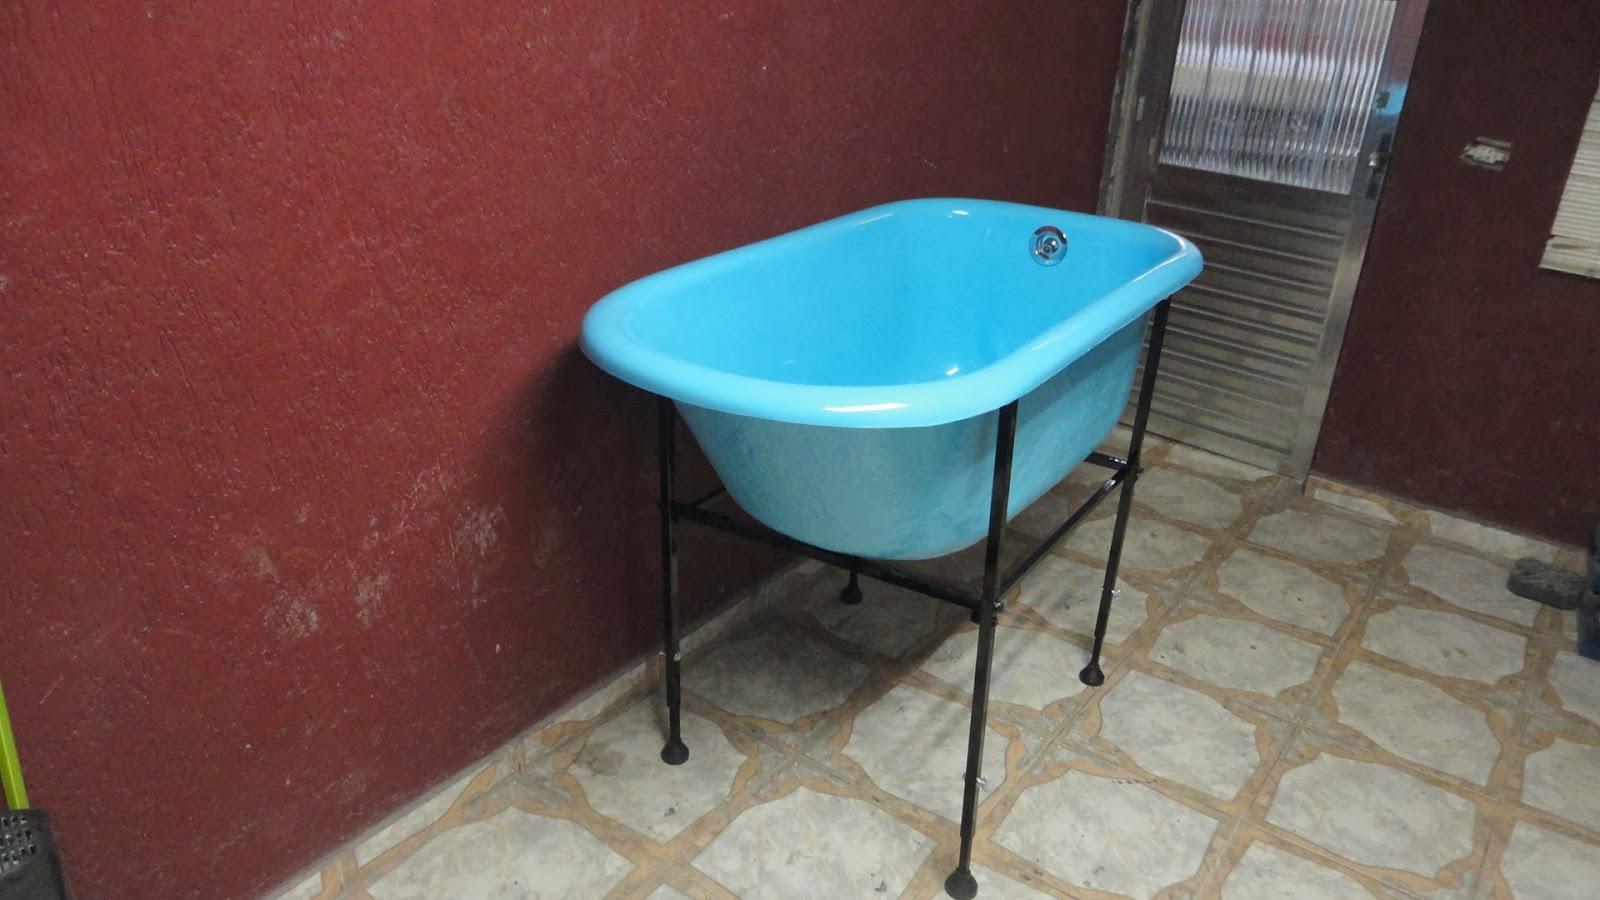 Cooper Fibra Comércio de Fibra ltda: Banheira pet shop modelo  #1299B9 1600x900 Banheiro De Fibra De Vidro